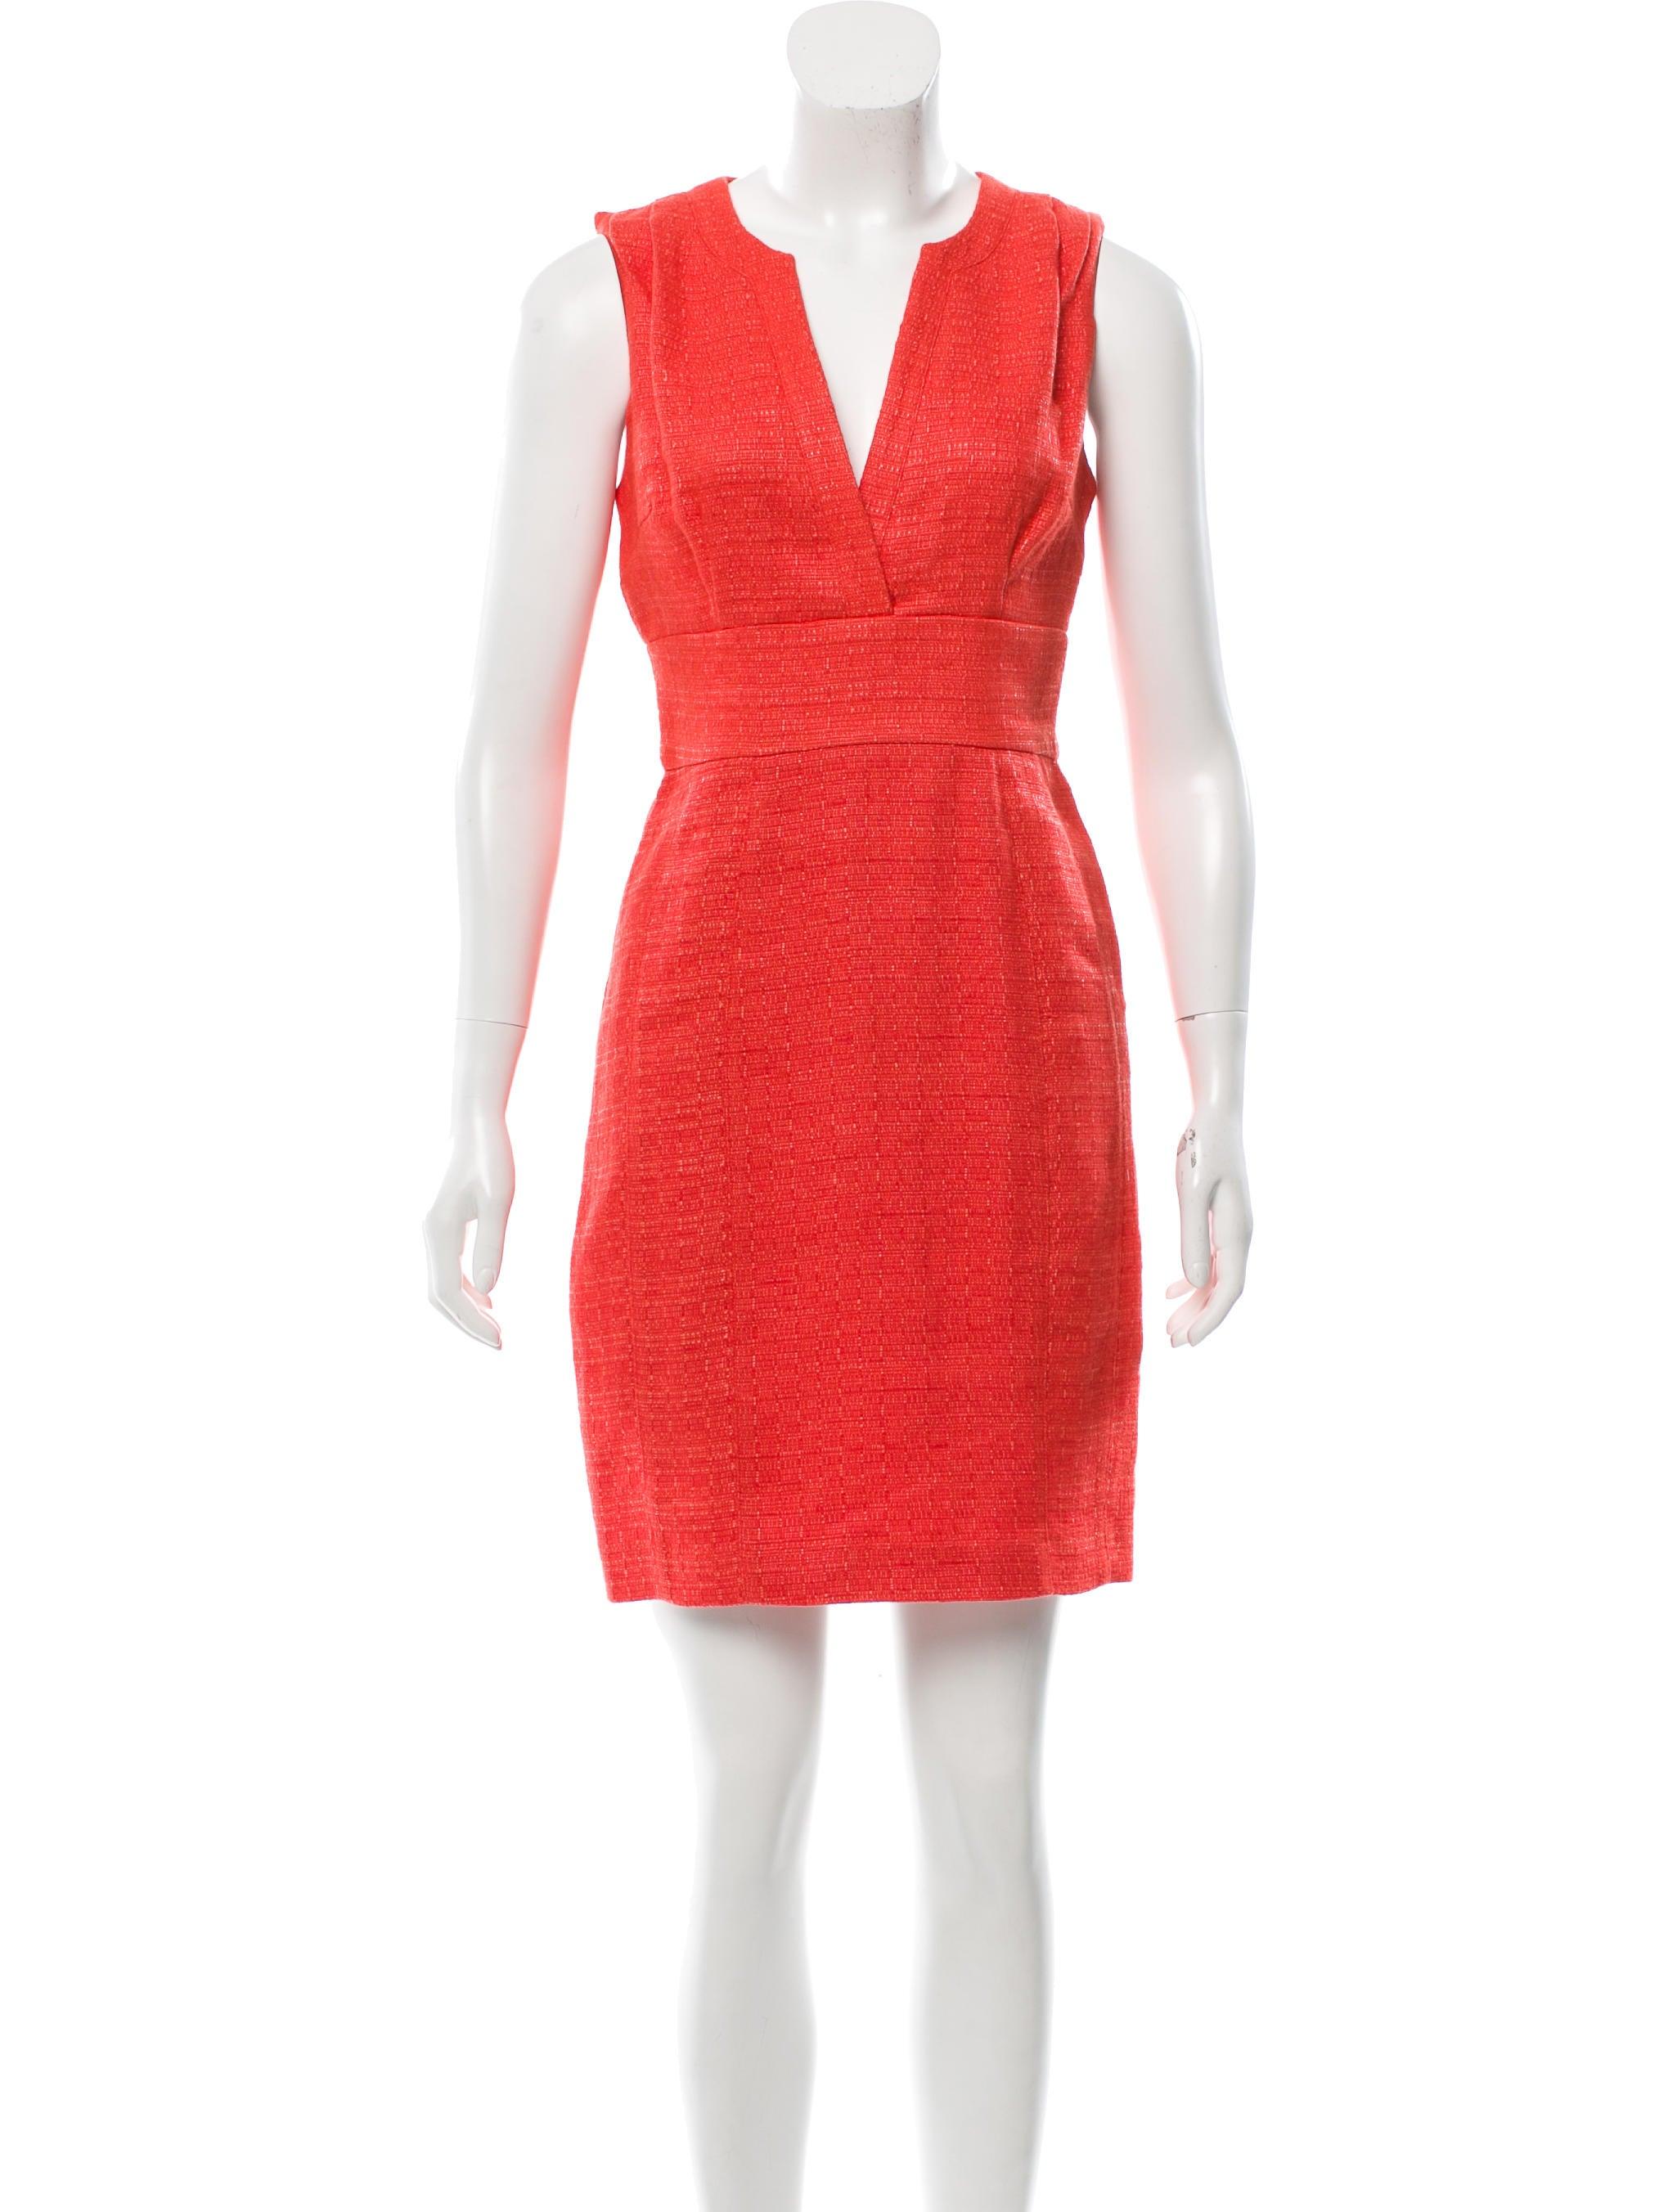 Designer Linen Dress Fabric